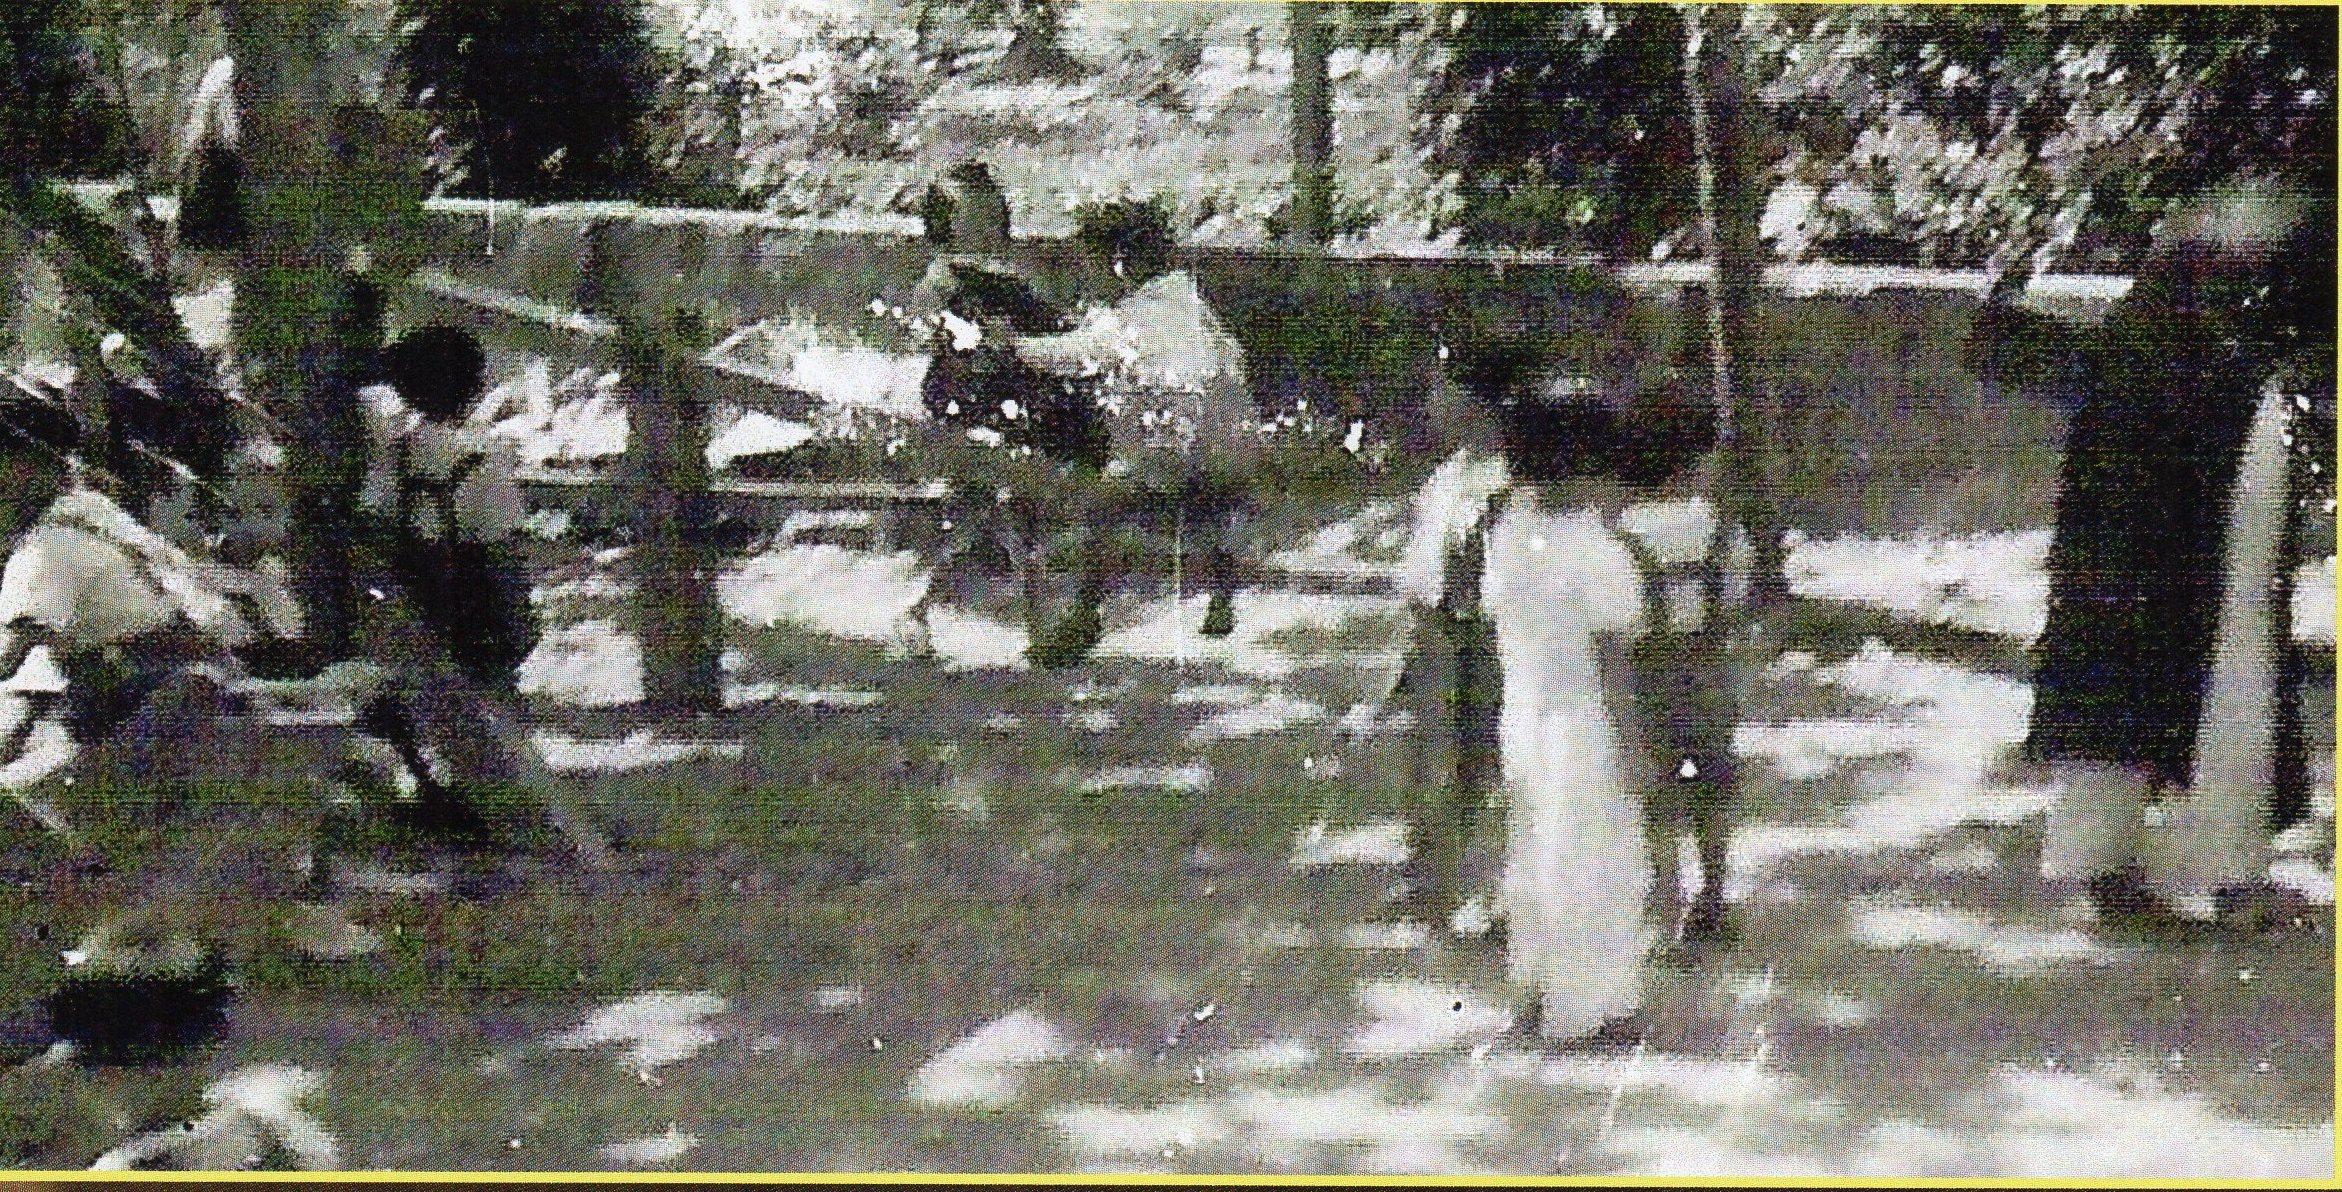 Lớp mẫu giáo canh tân đầu tiên ở Hà Nội cách đây hơn 70 năm-13